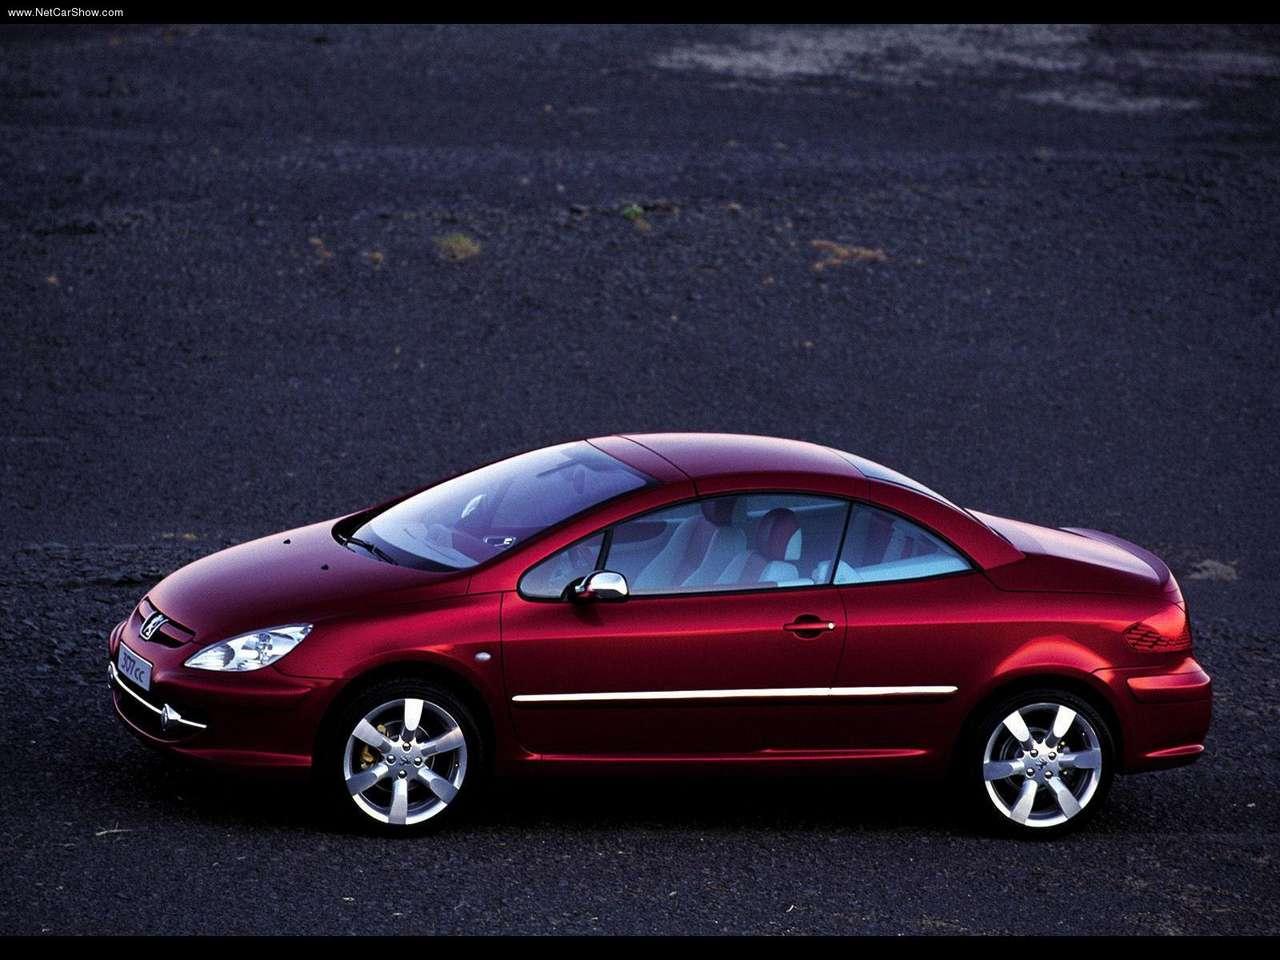 http://4.bp.blogspot.com/-xZB5ybjpTjY/TXs8tp6M36I/AAAAAAAANQI/qJ41pxU1GvU/s1600/Peugeot-307CC_Concept_2002_1280x960_wallpaper_02.jpg